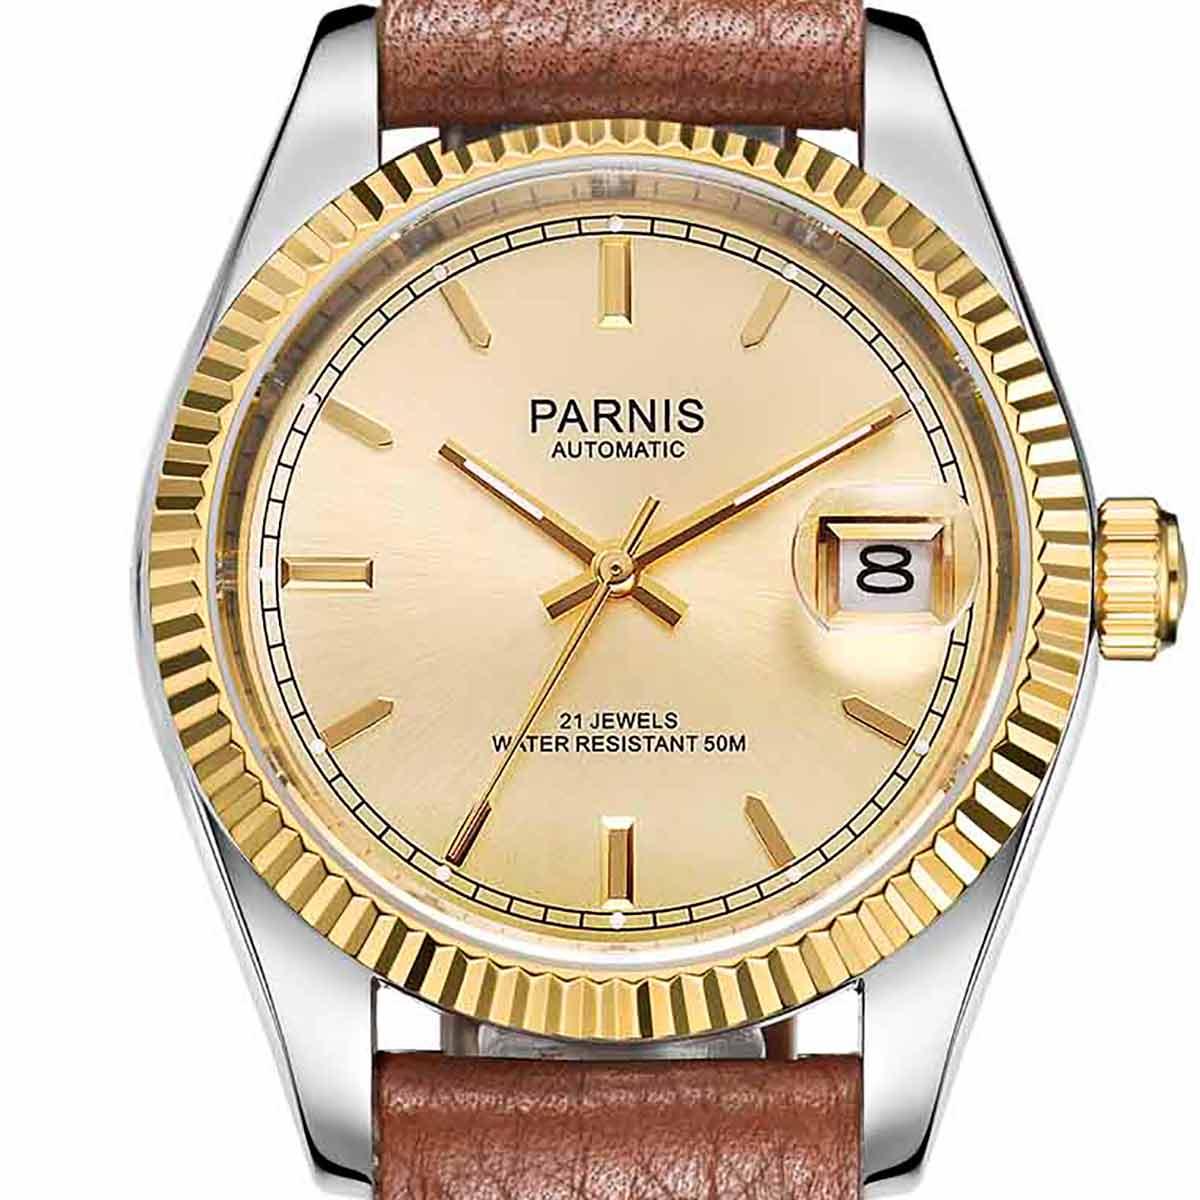 【NEW】PARNIS パーニス クォーツ 腕時計 メンズ [PA2112-P-S4AL-GDDB-B] 並行輸入品 メーカー保証